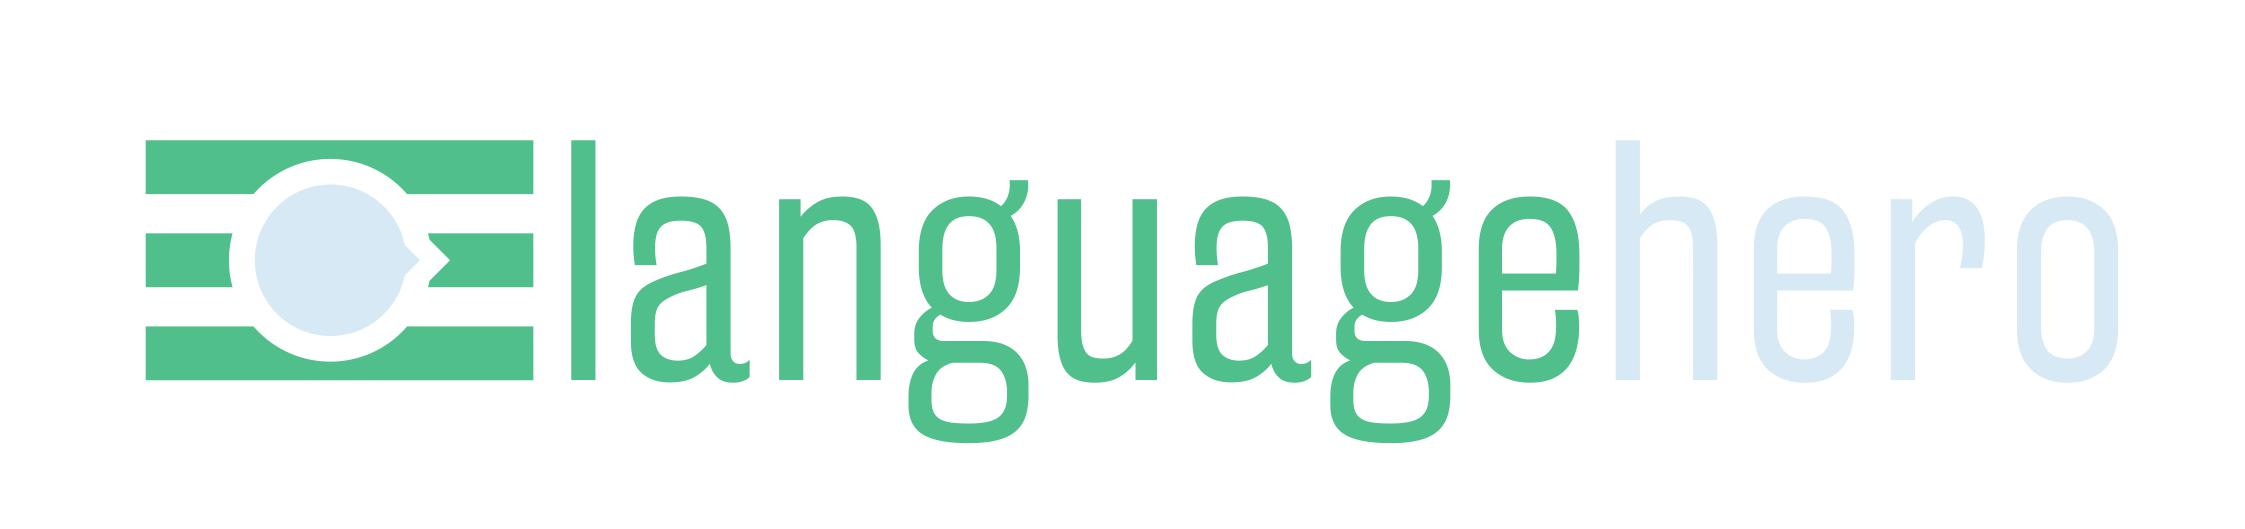 languagehero